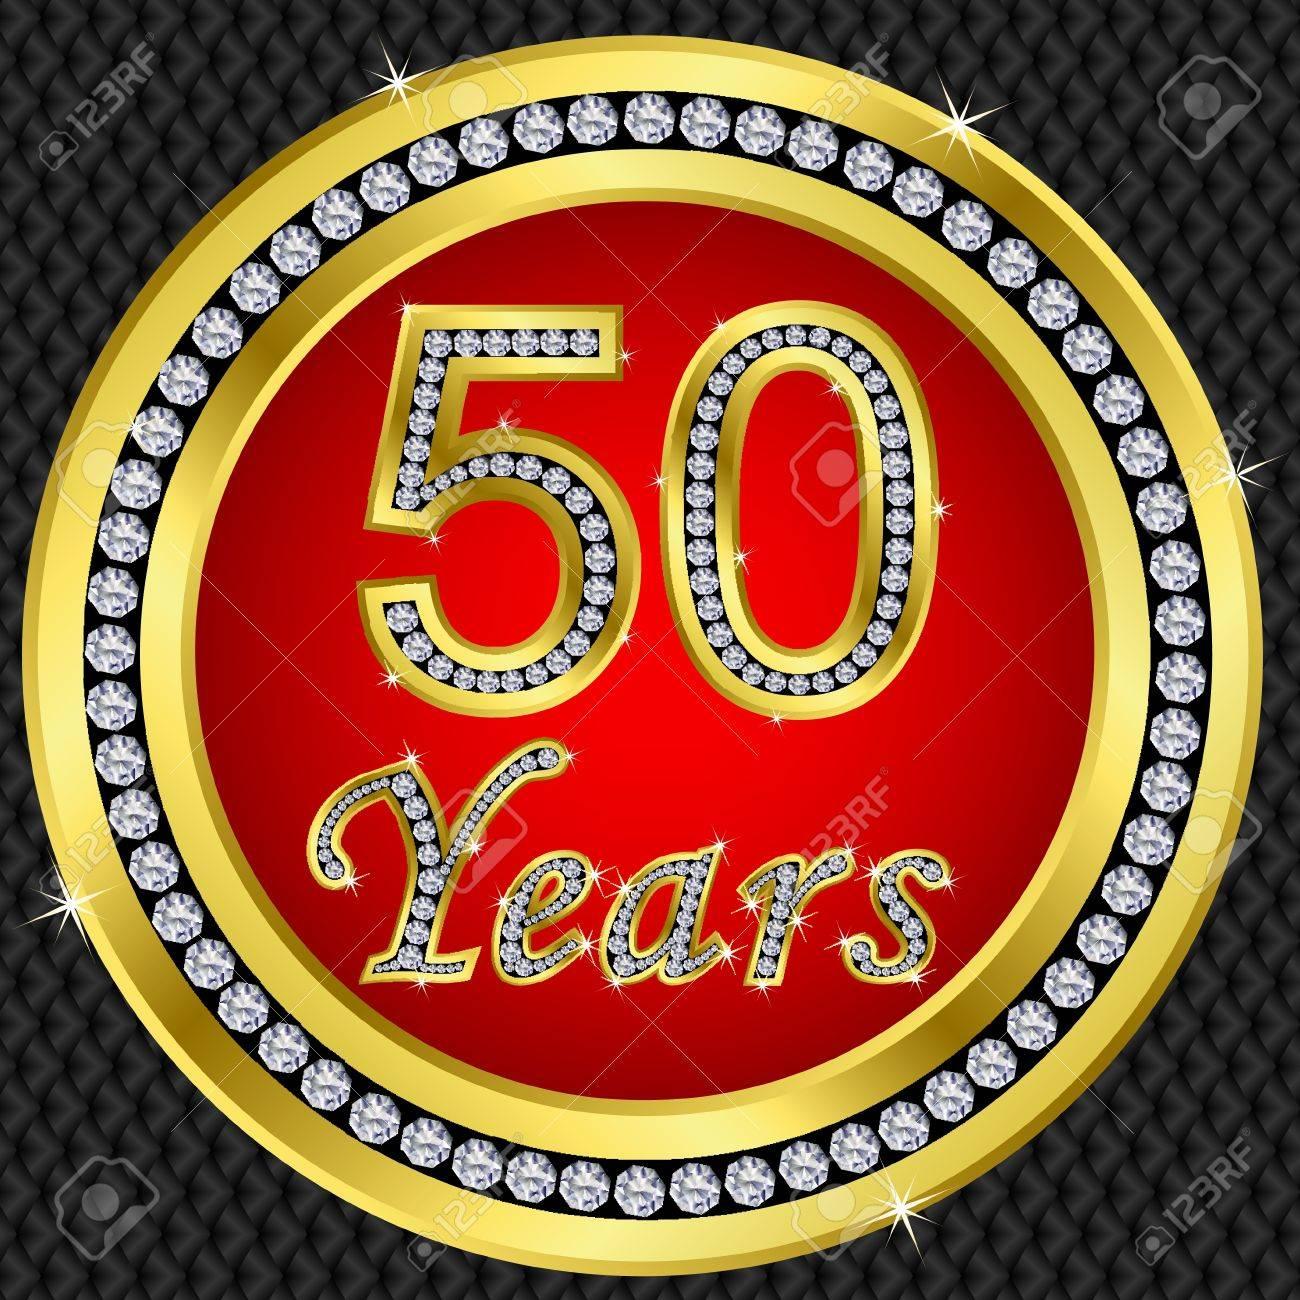 Anniversaire 50 Ans Icone Doree Joyeux Anniversaire Avec Diamants